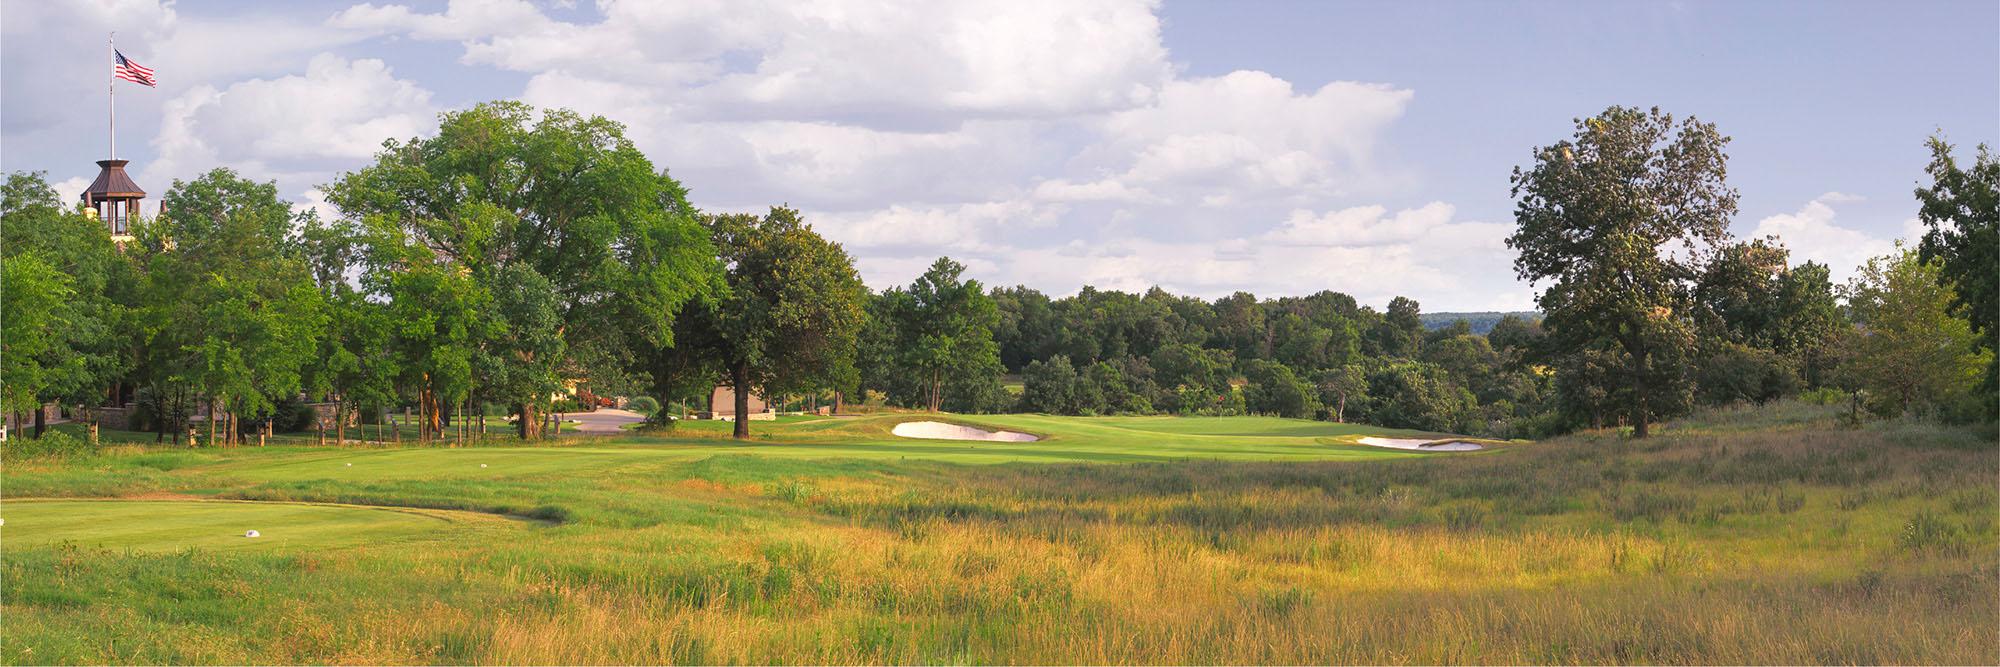 Golf Course Image - Patriot No. 9